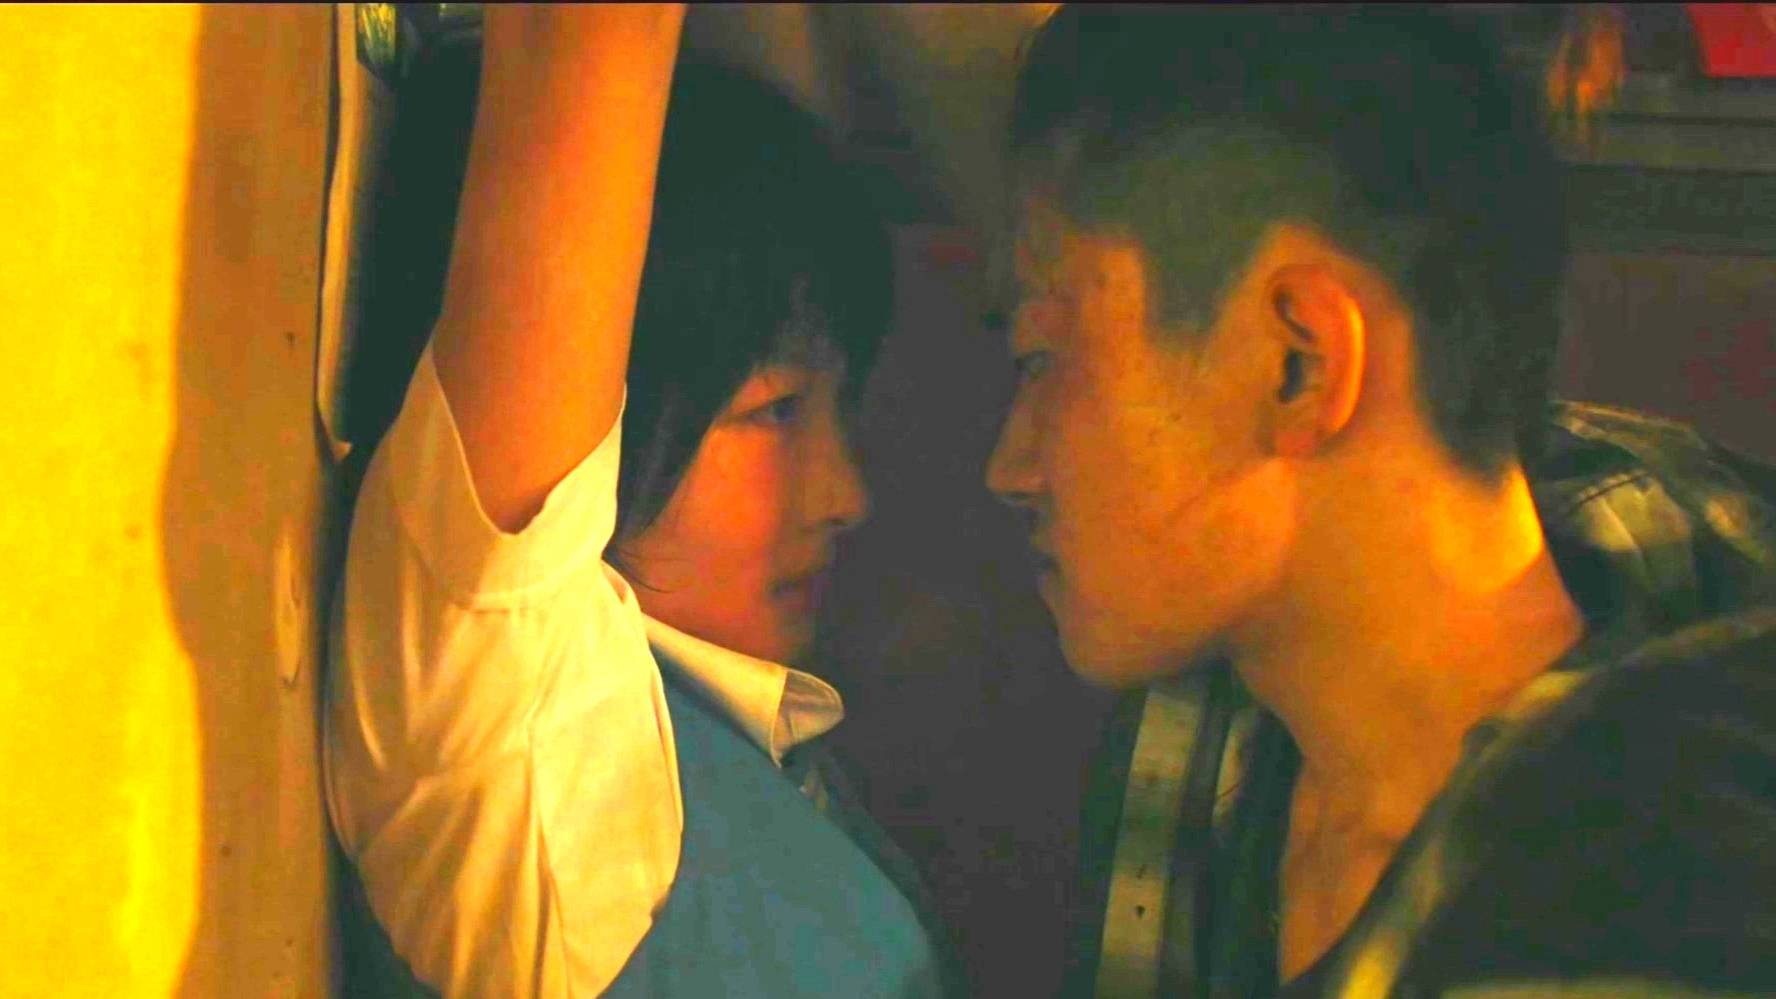 【污师】初遇从强吻开始,青春的疼痛《少年的你》